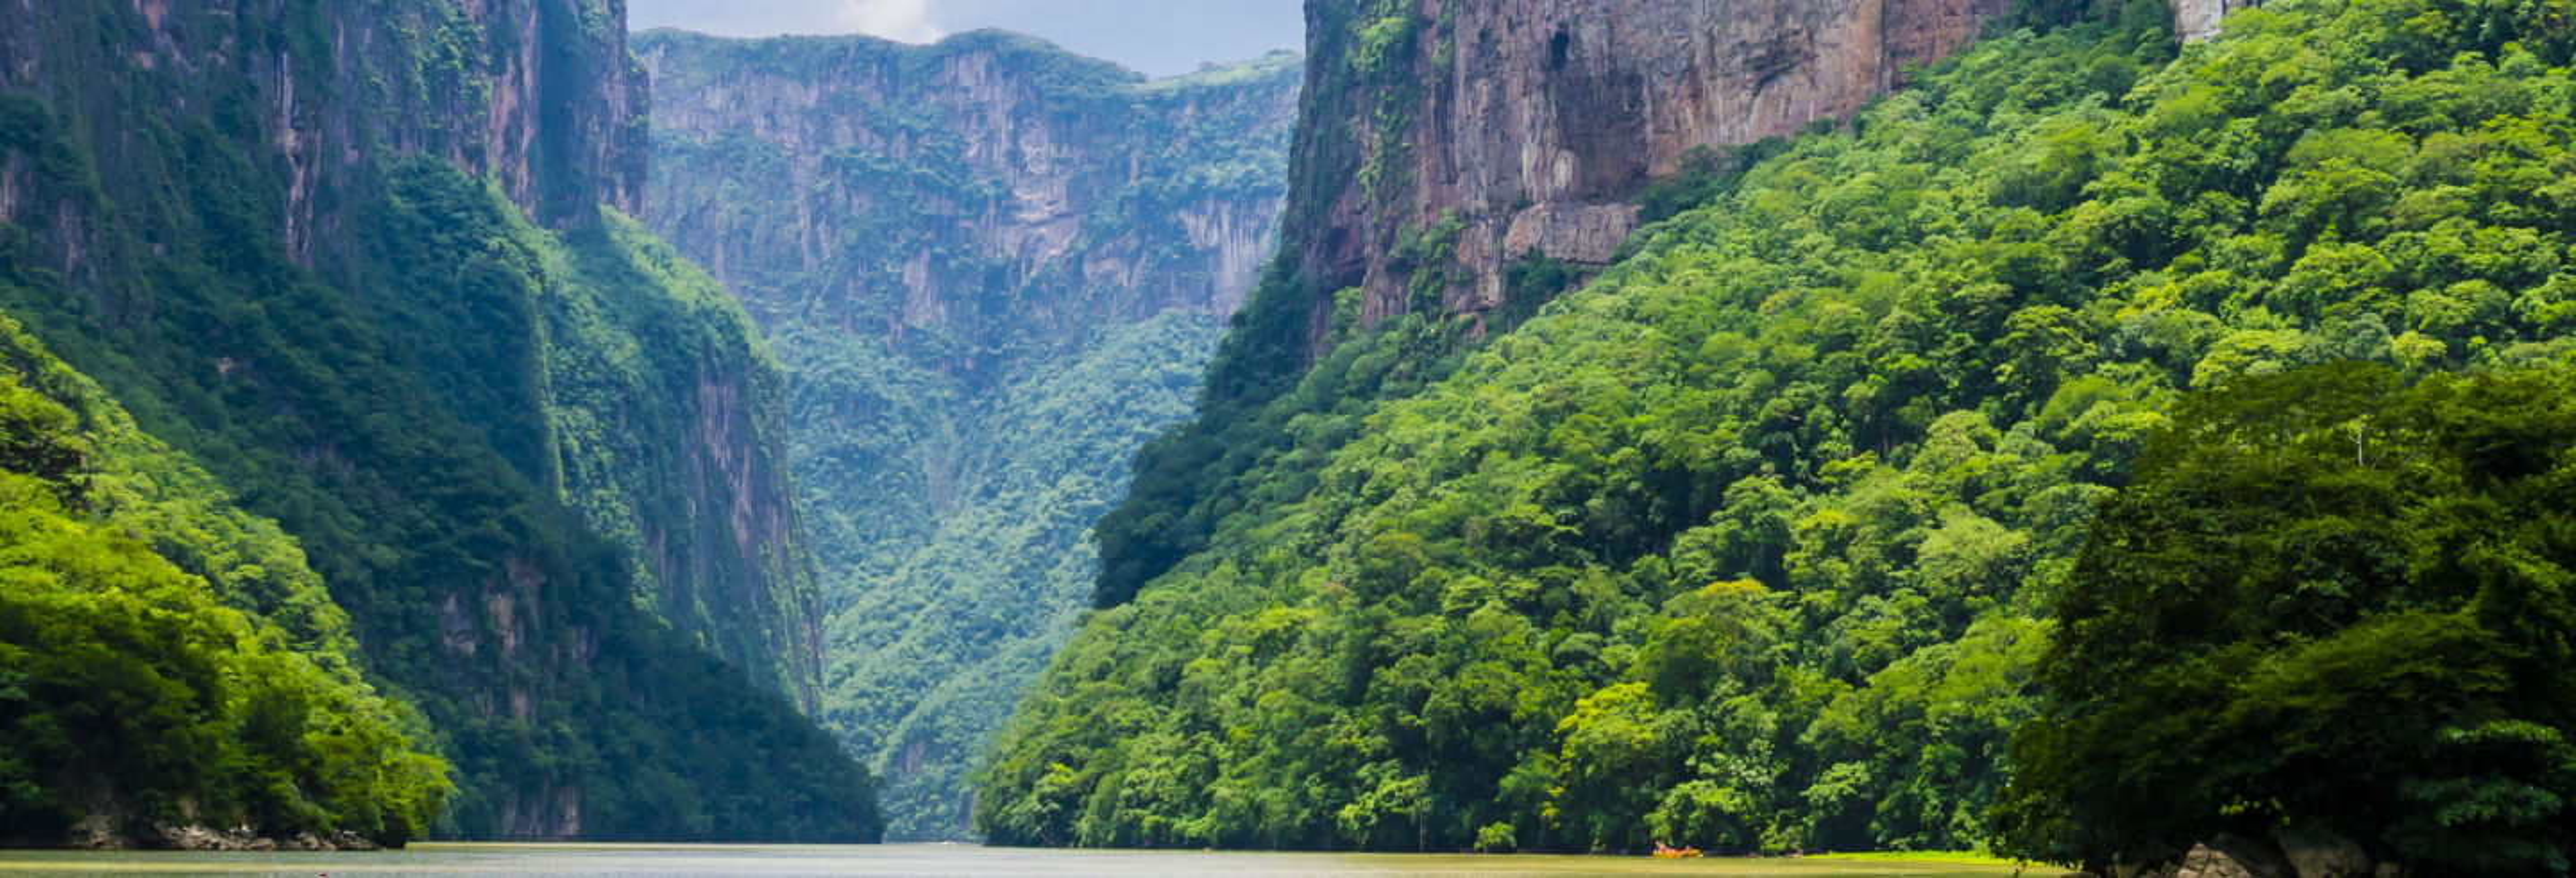 Miradores del Cañón del Sumidero, Zoomat y Cristo de Chiapas